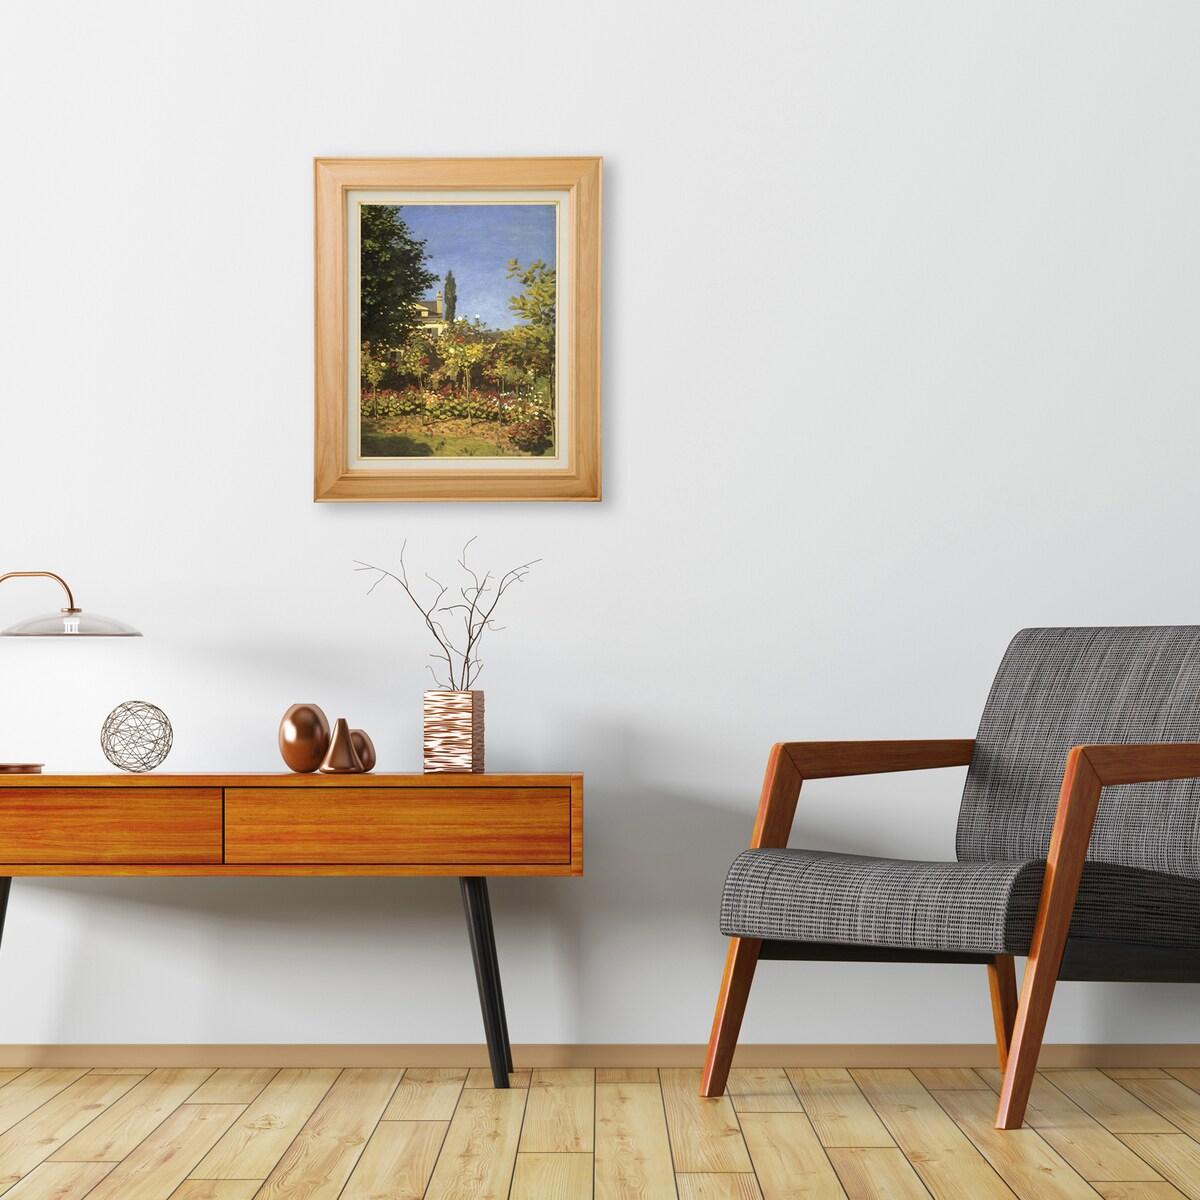 ラーソン・ジュール 油絵用額縁 A826 F3 キジ